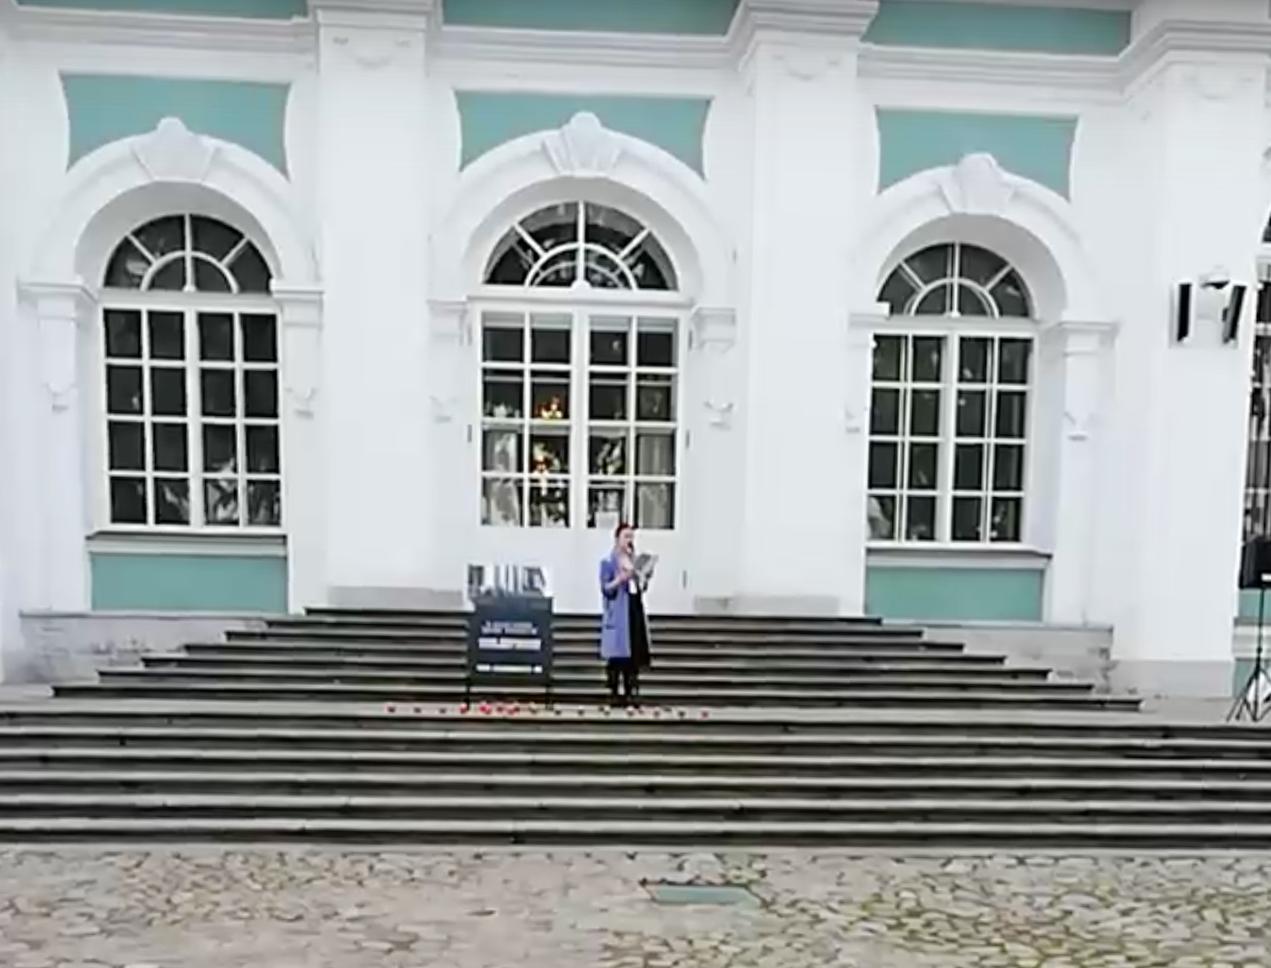 «Нужно помнить об этой страшной трагедии — и напоминать другим»: участники «Дня памяти блокады» — о чтении списков погибших в осажденном Ленинграде